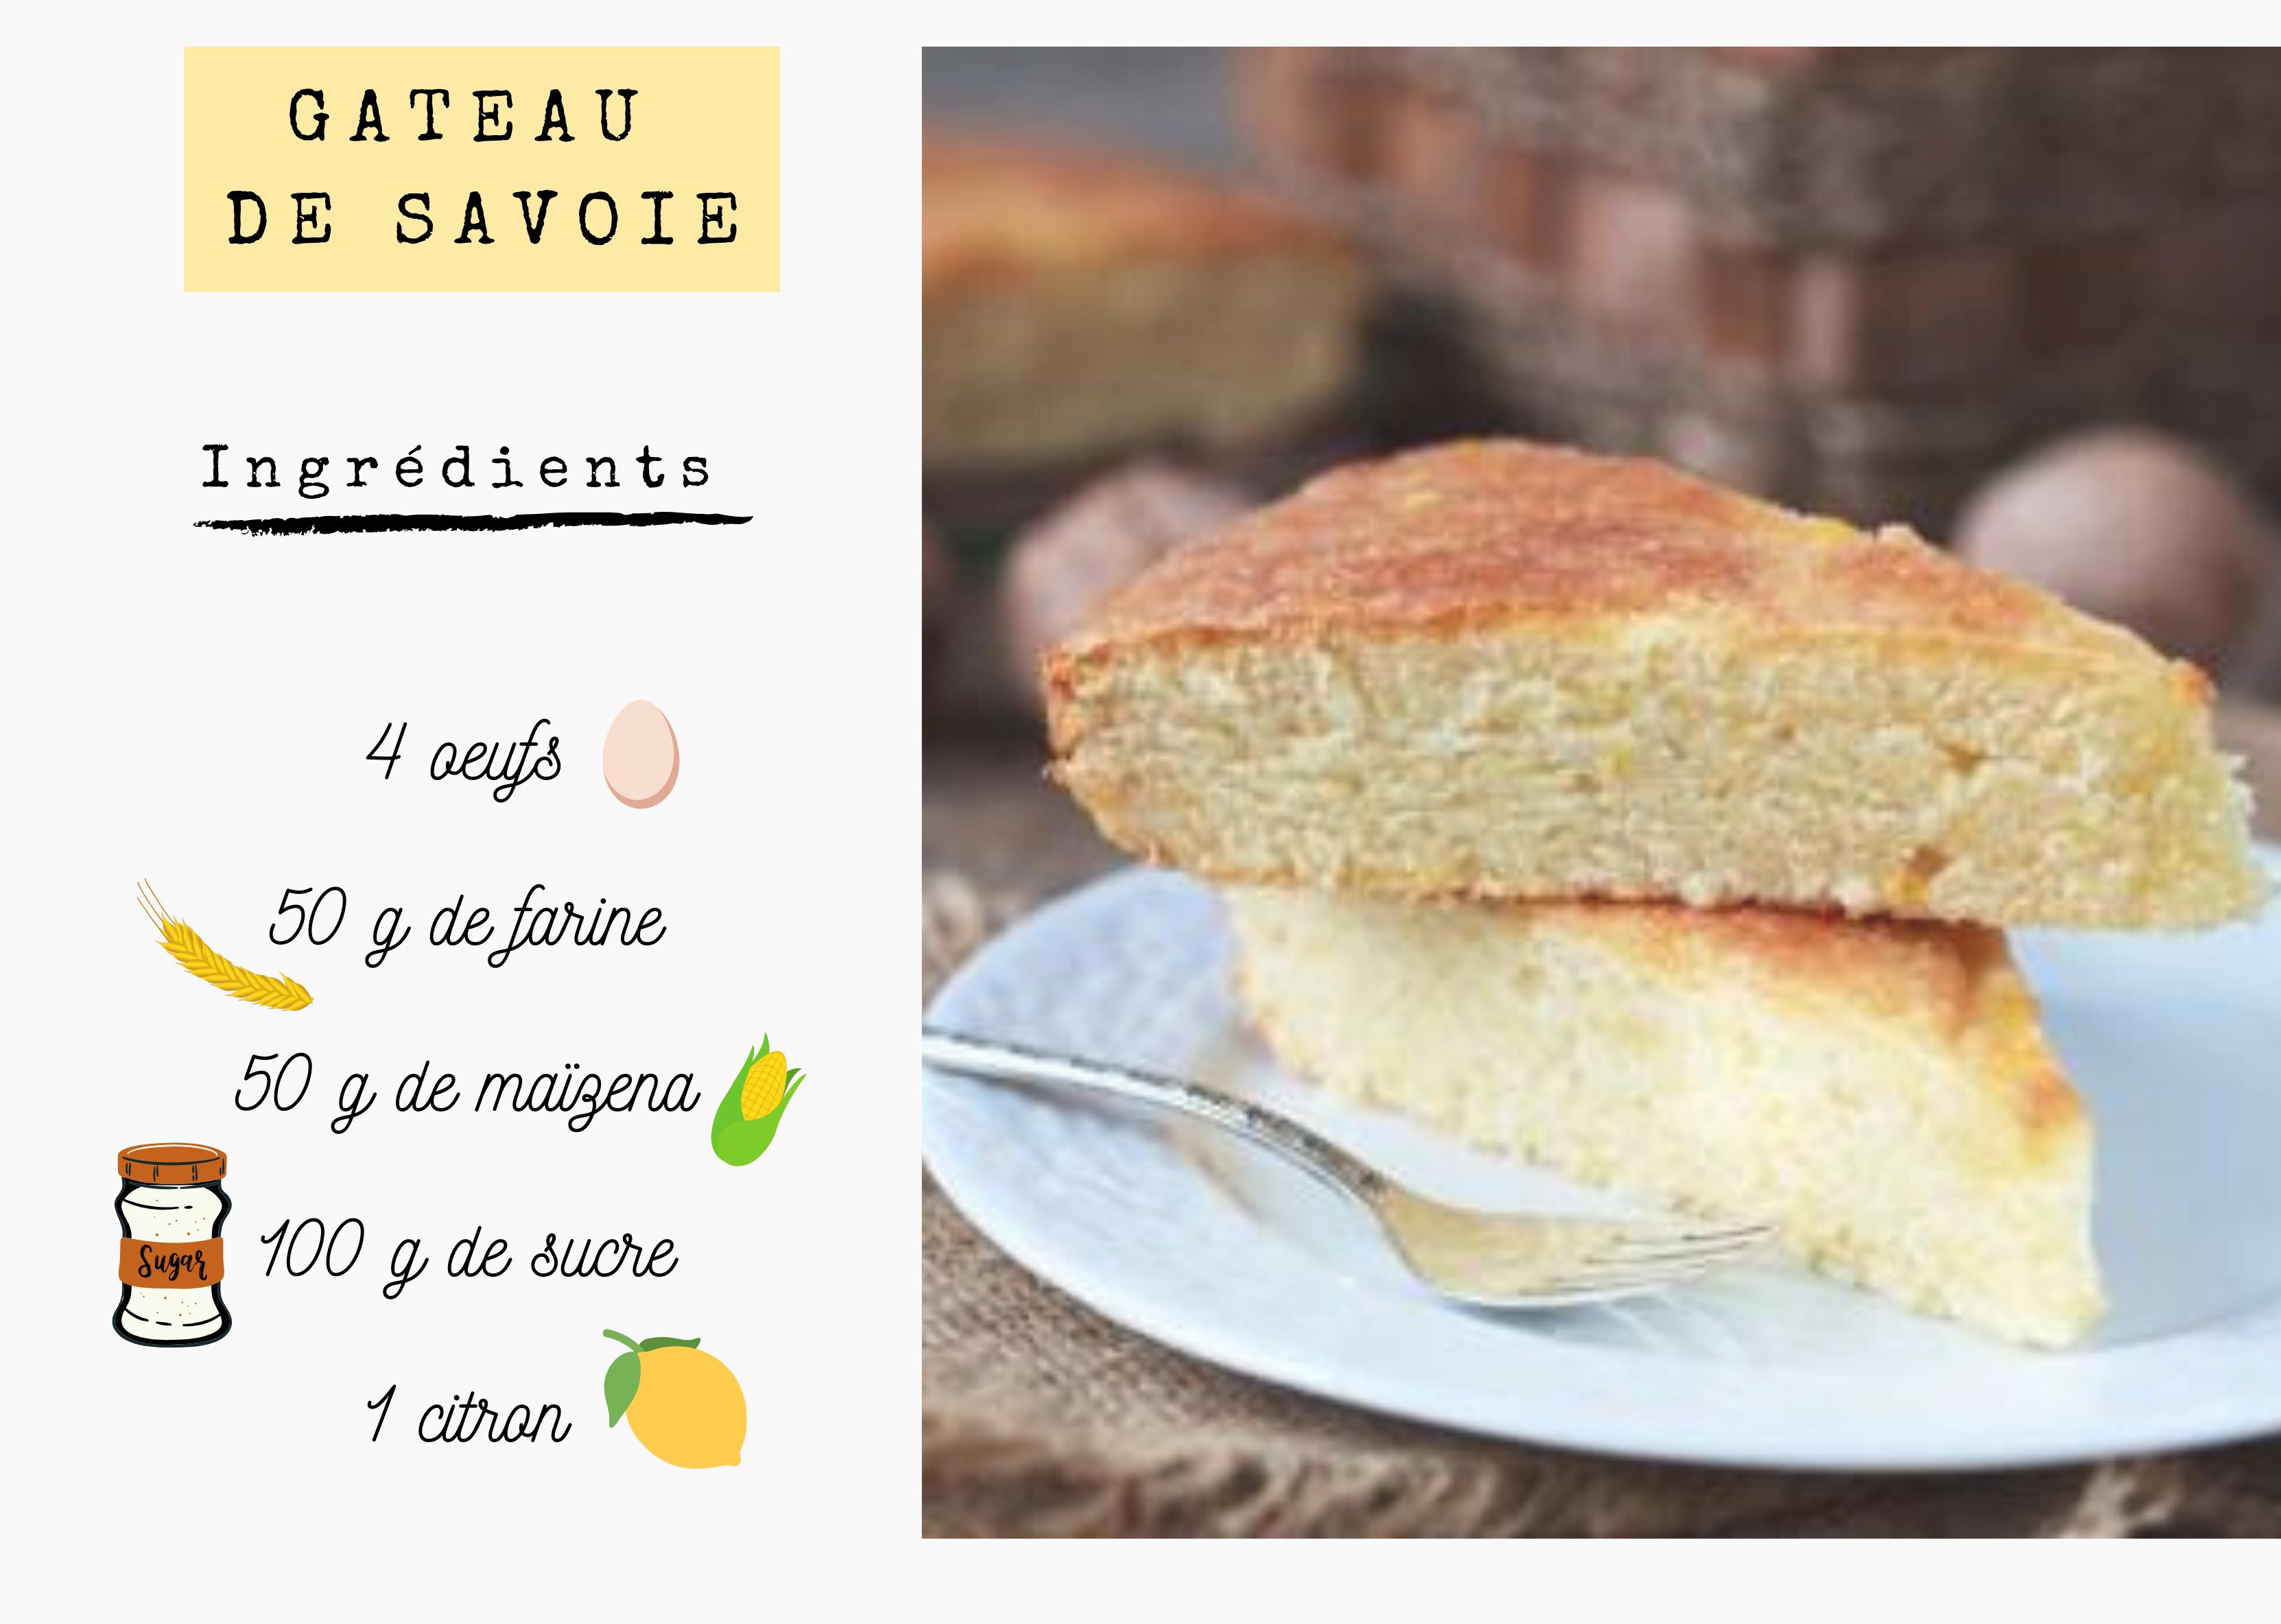 Recette gâteau de Savoie, ingrédients